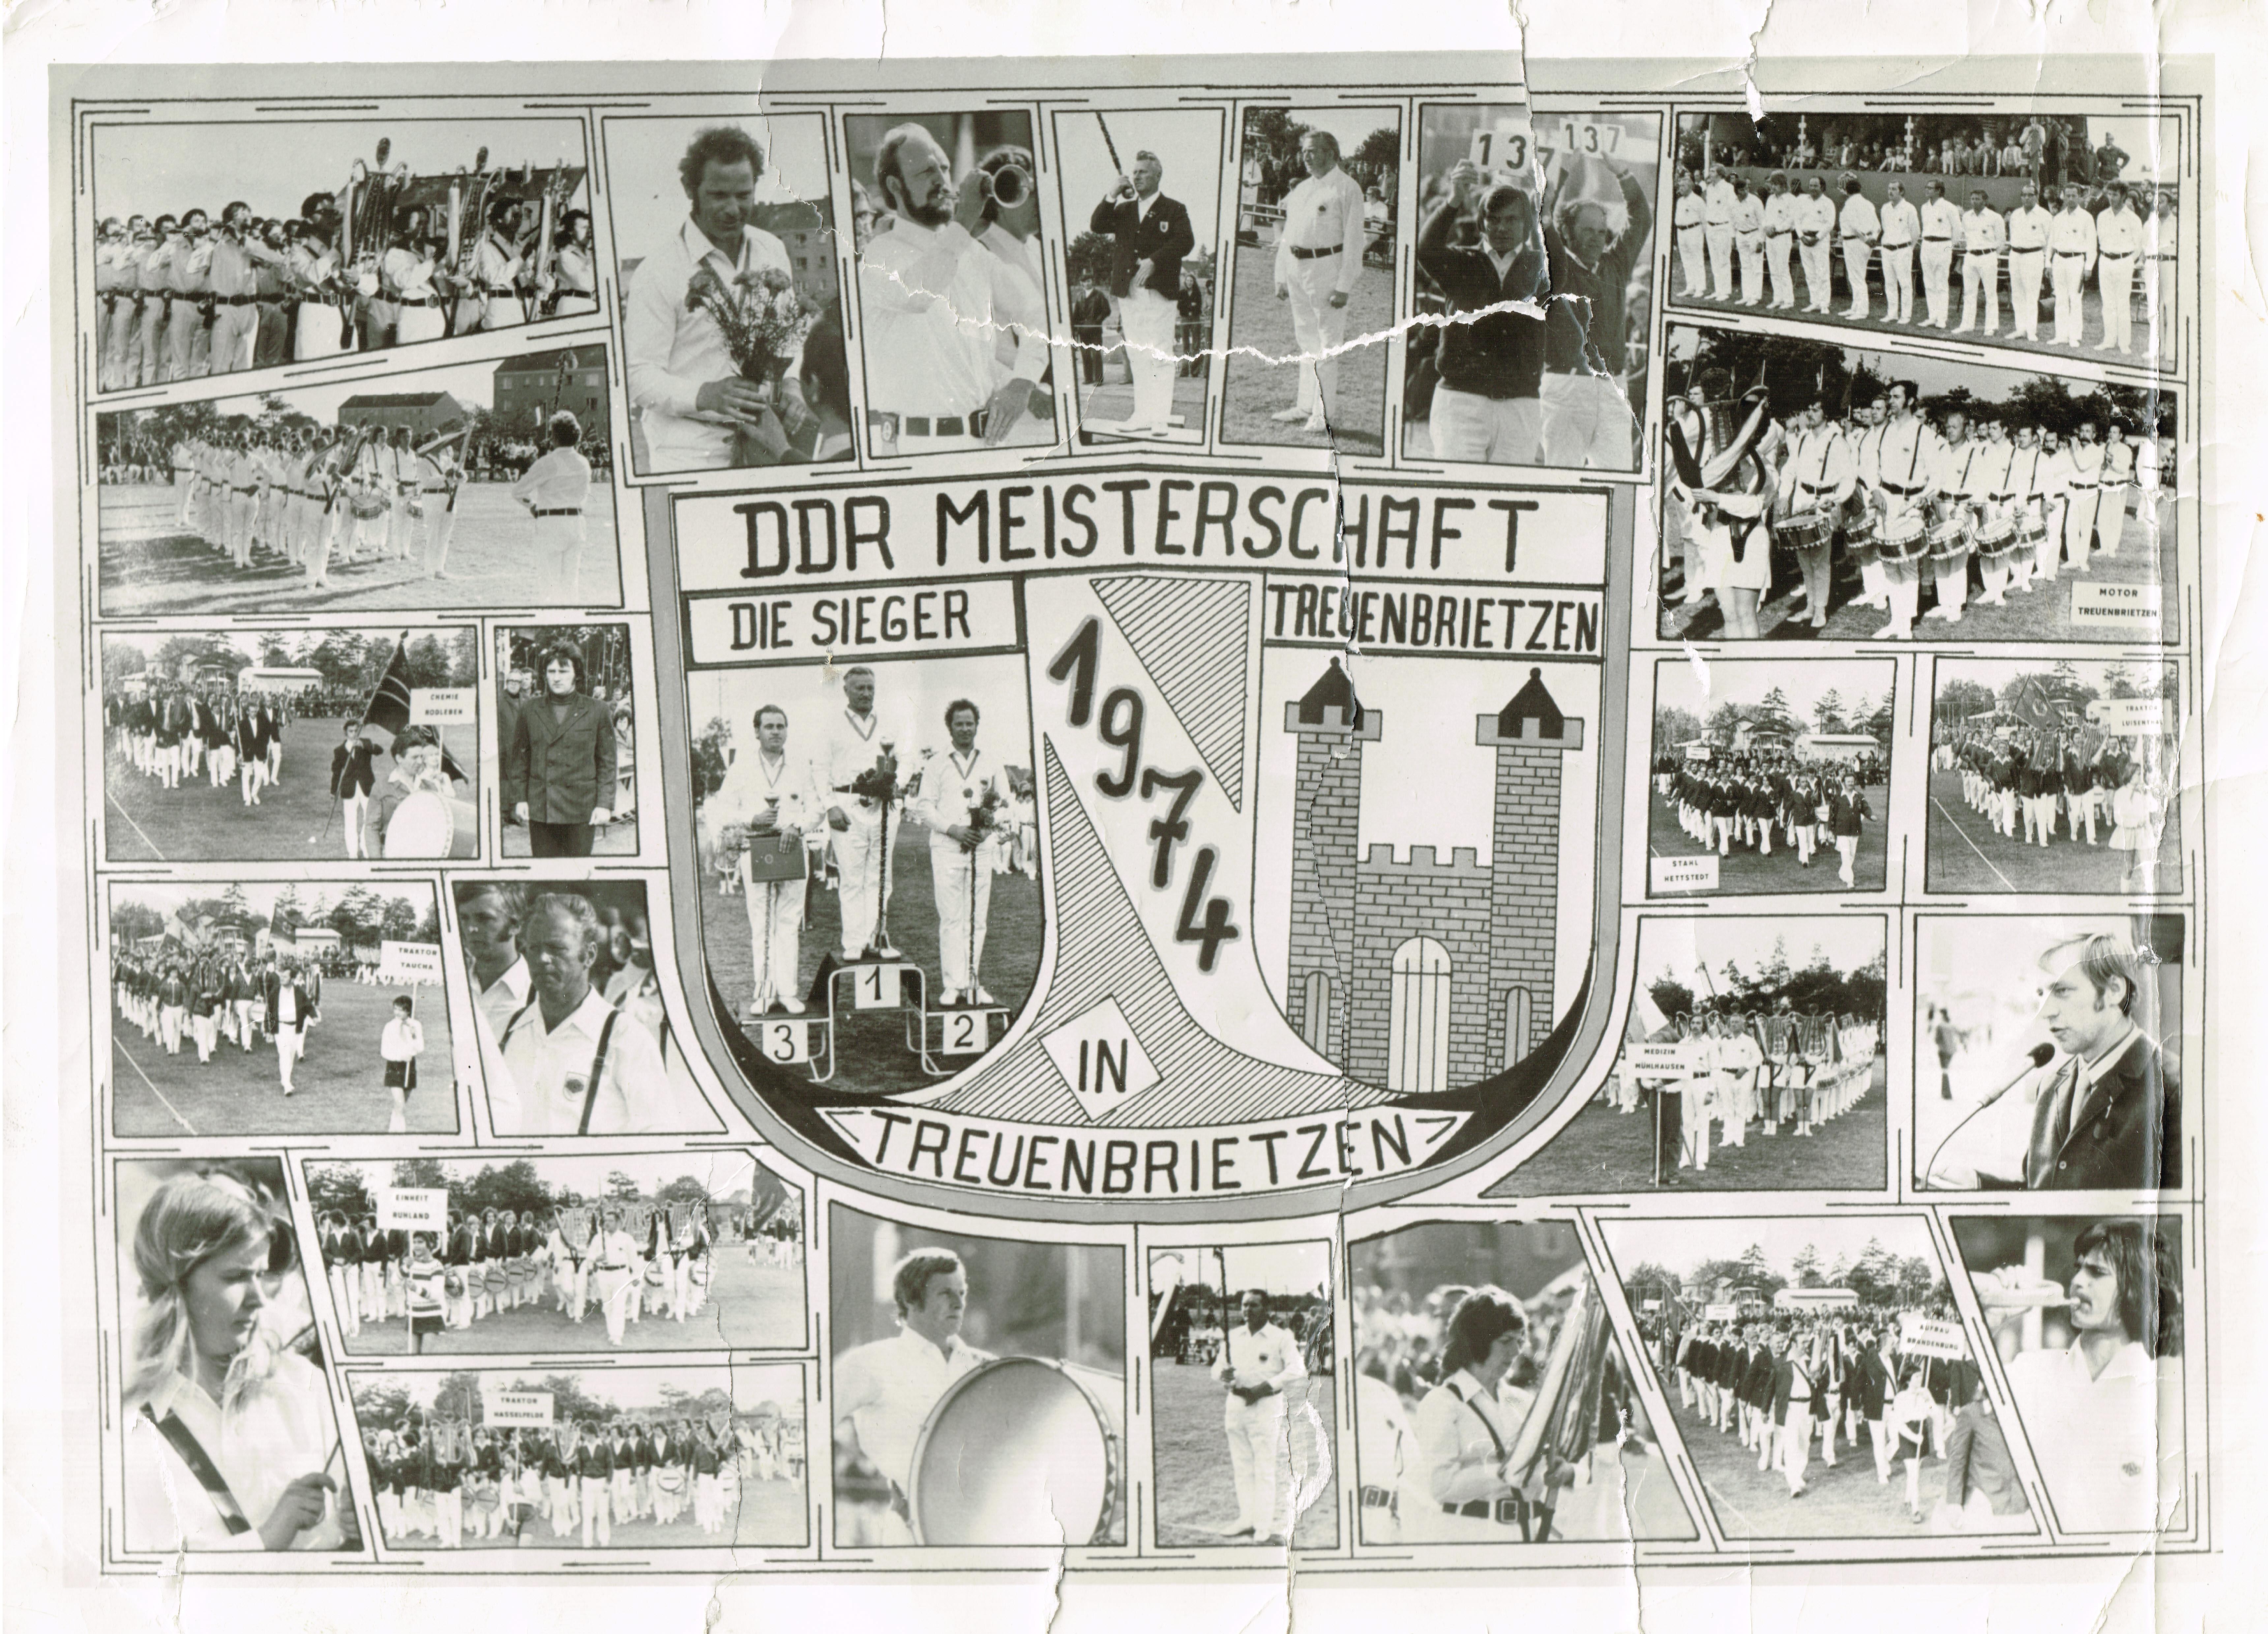 1974 DDR Meisterschaft Treuenbrietzen